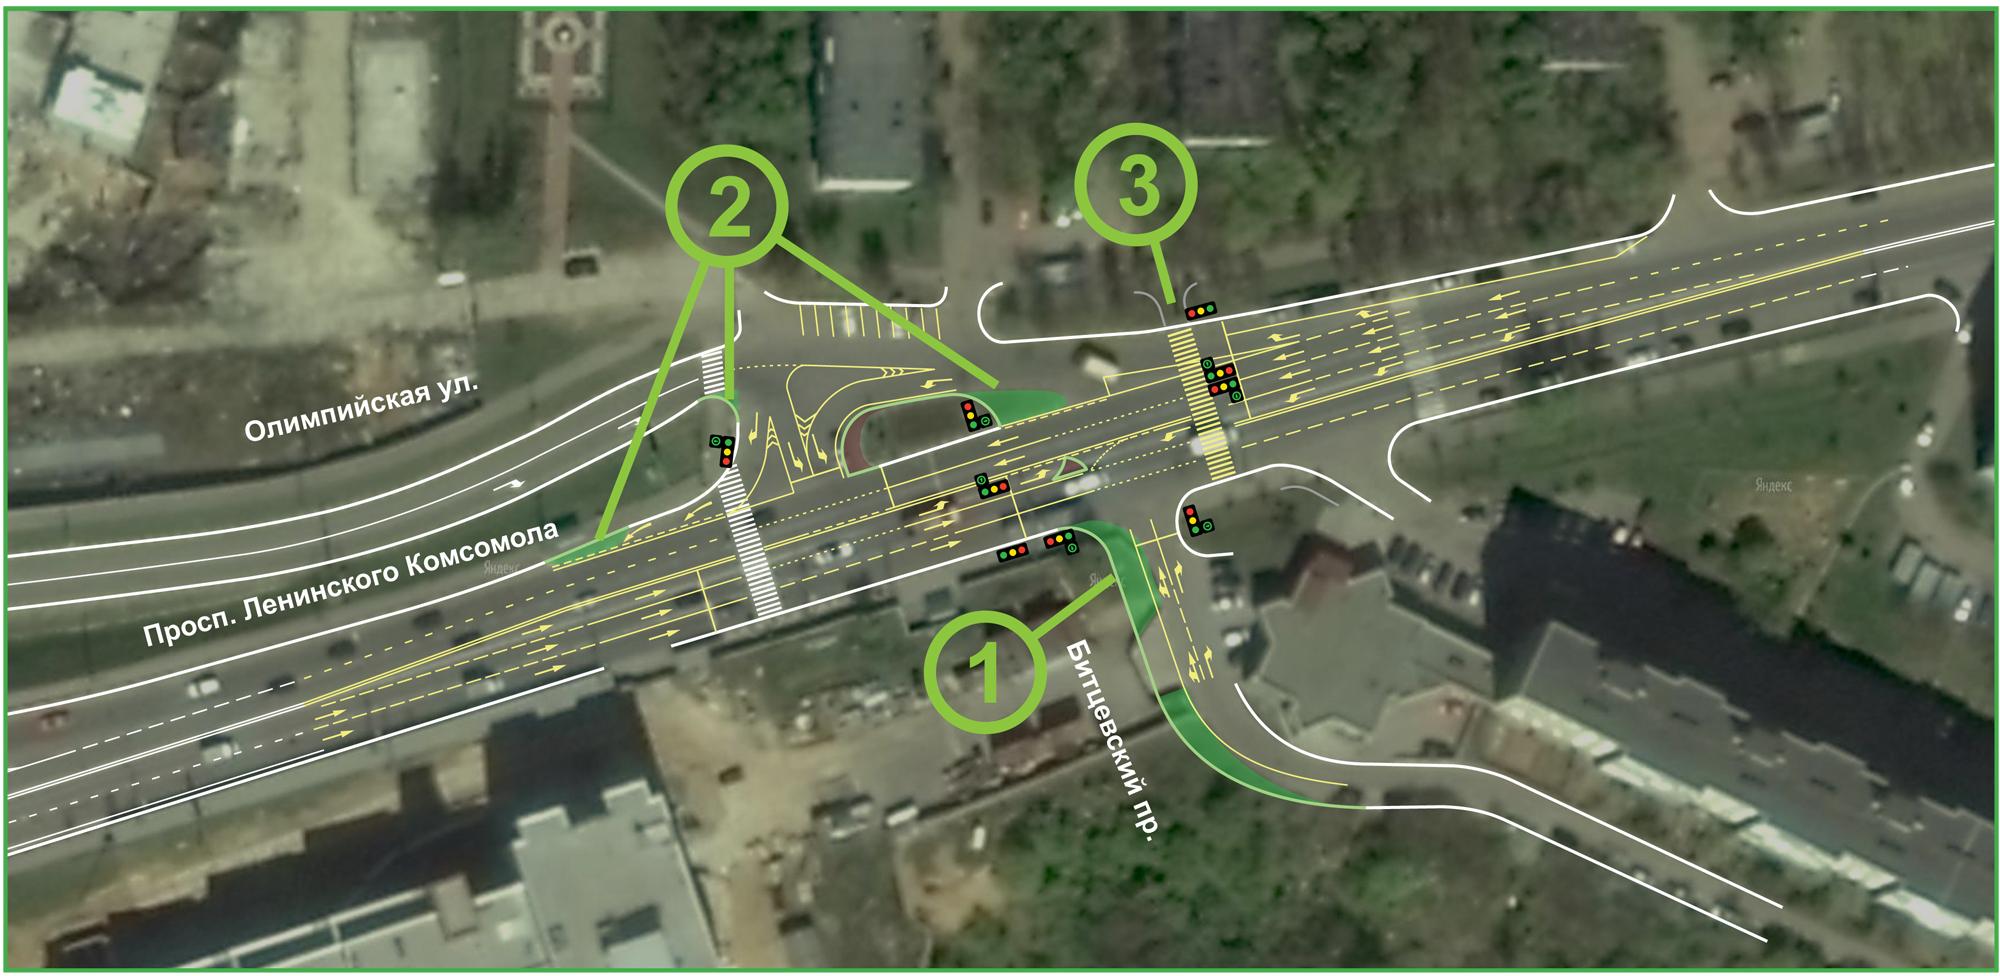 схема установки знаков на волоколамском шоссе